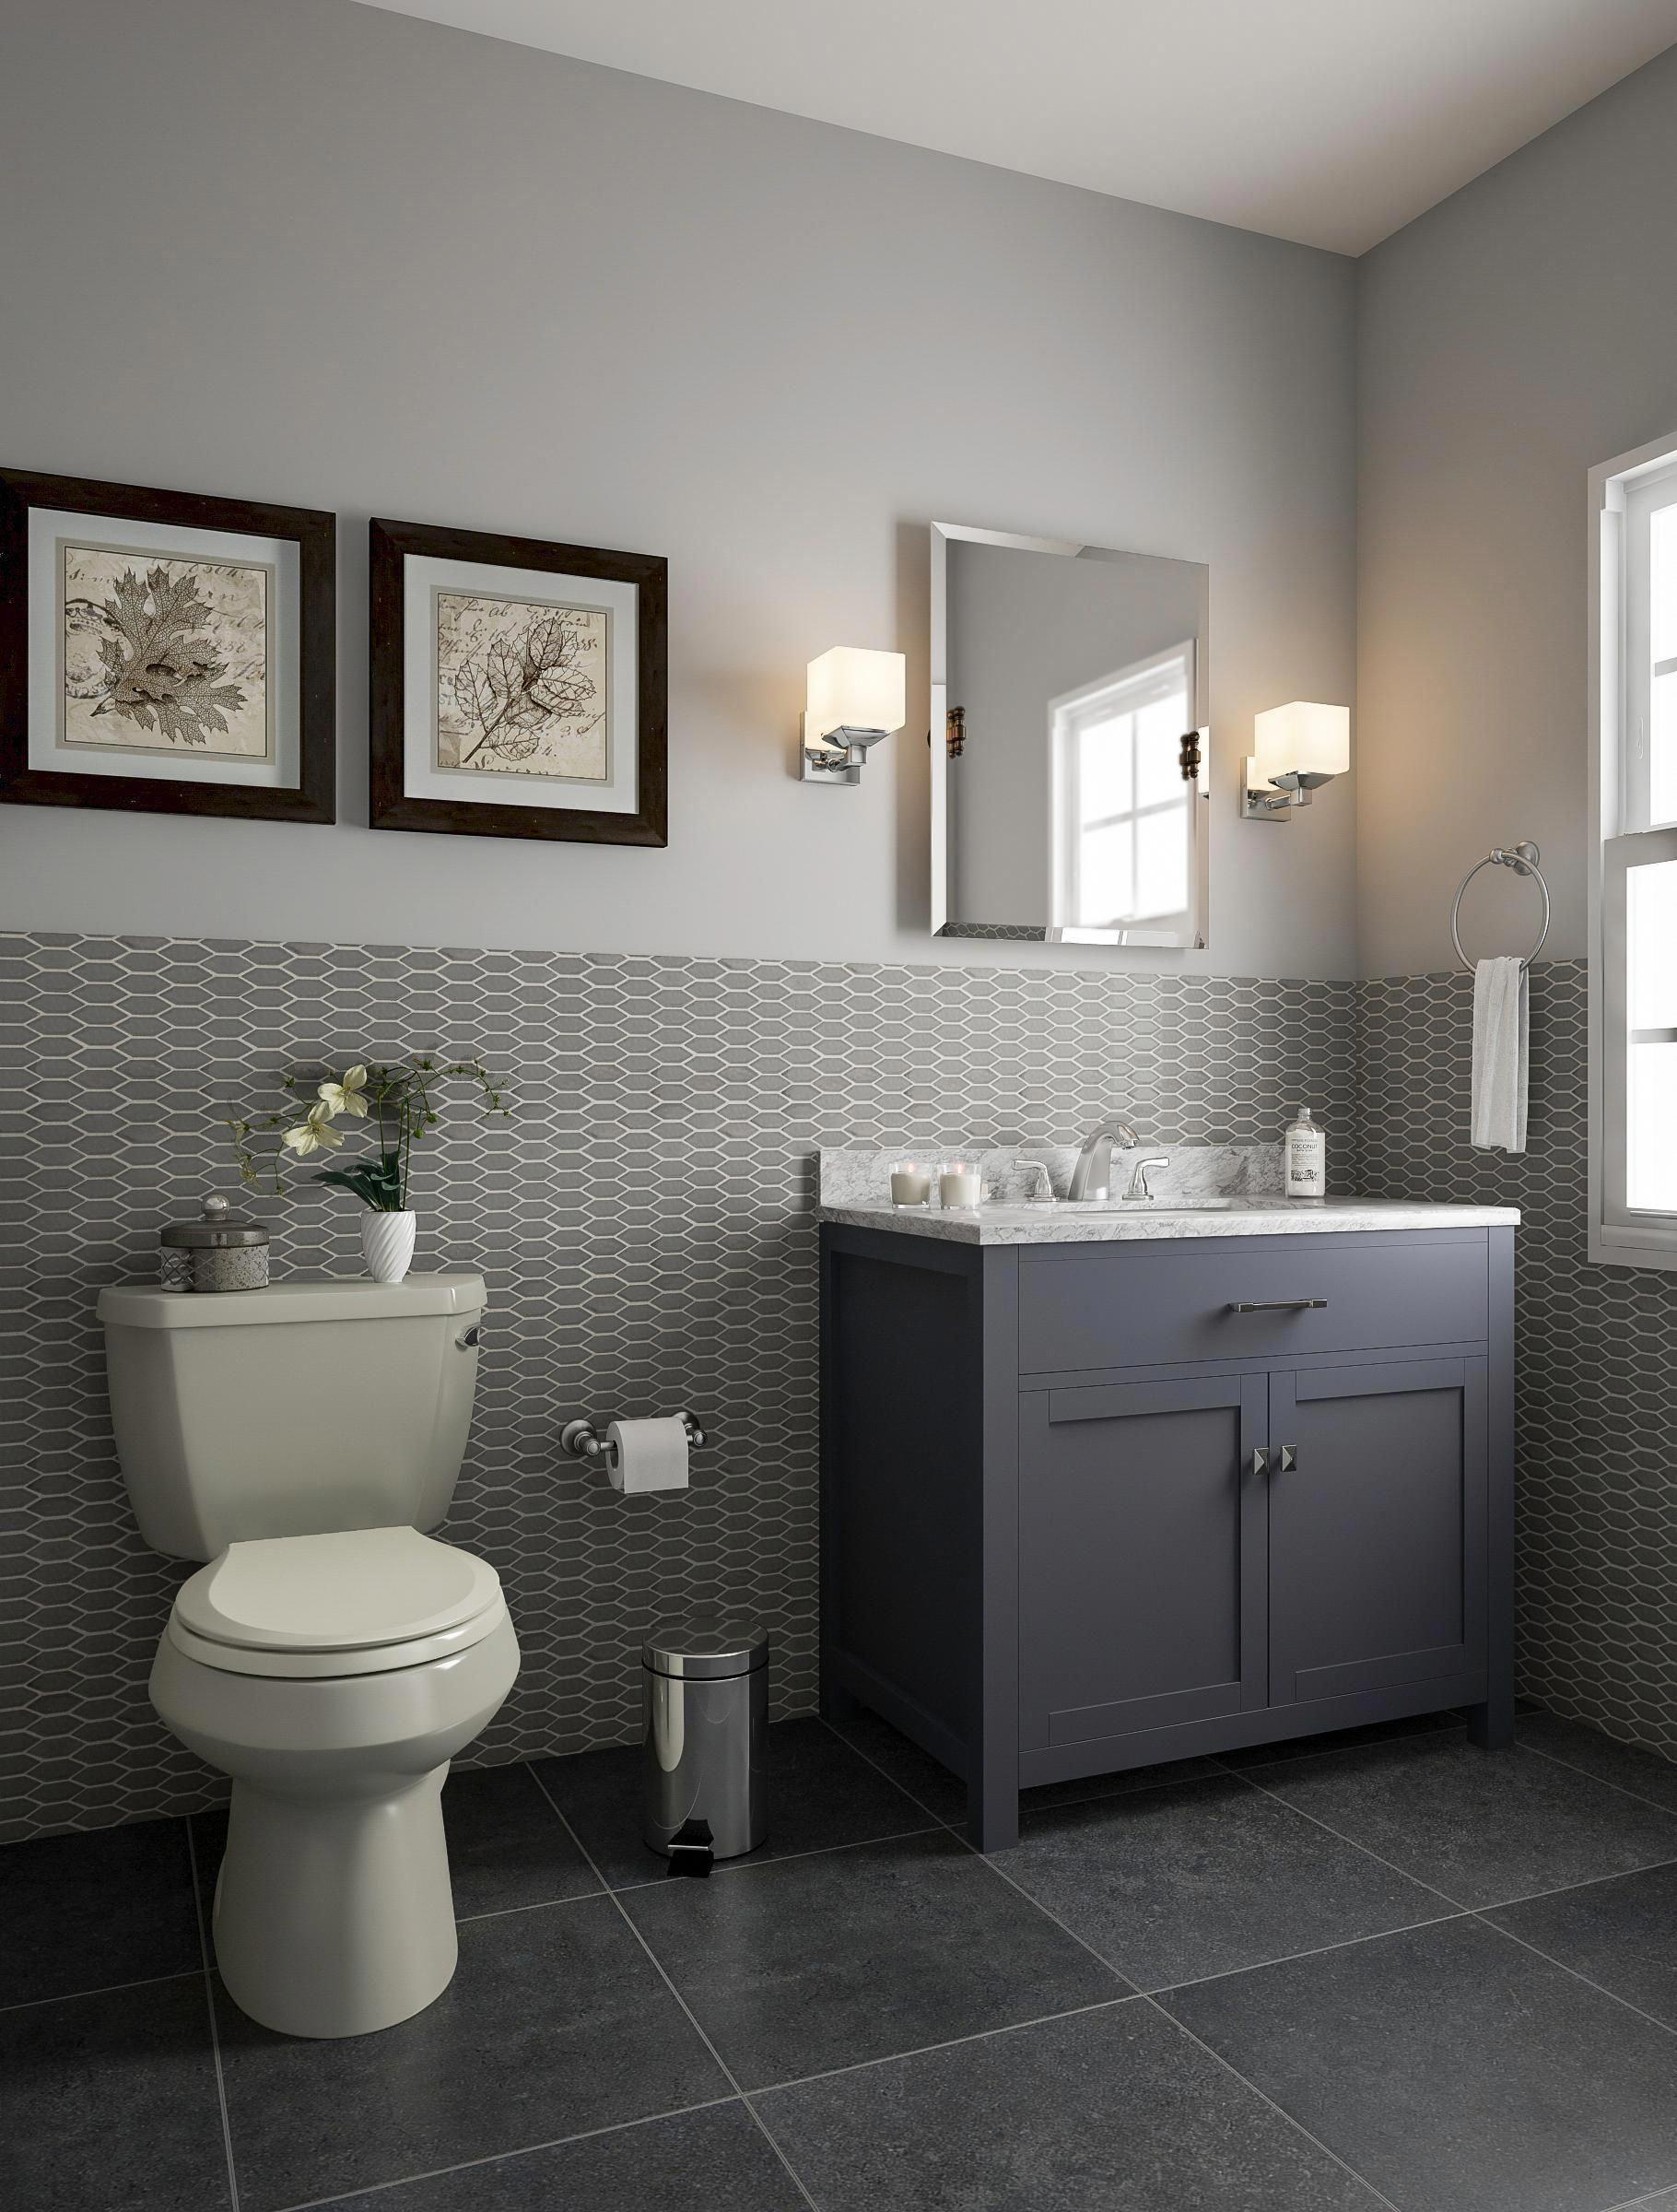 Girly Bathroom Decor Blue Bath Accessories Set Bathtub Design